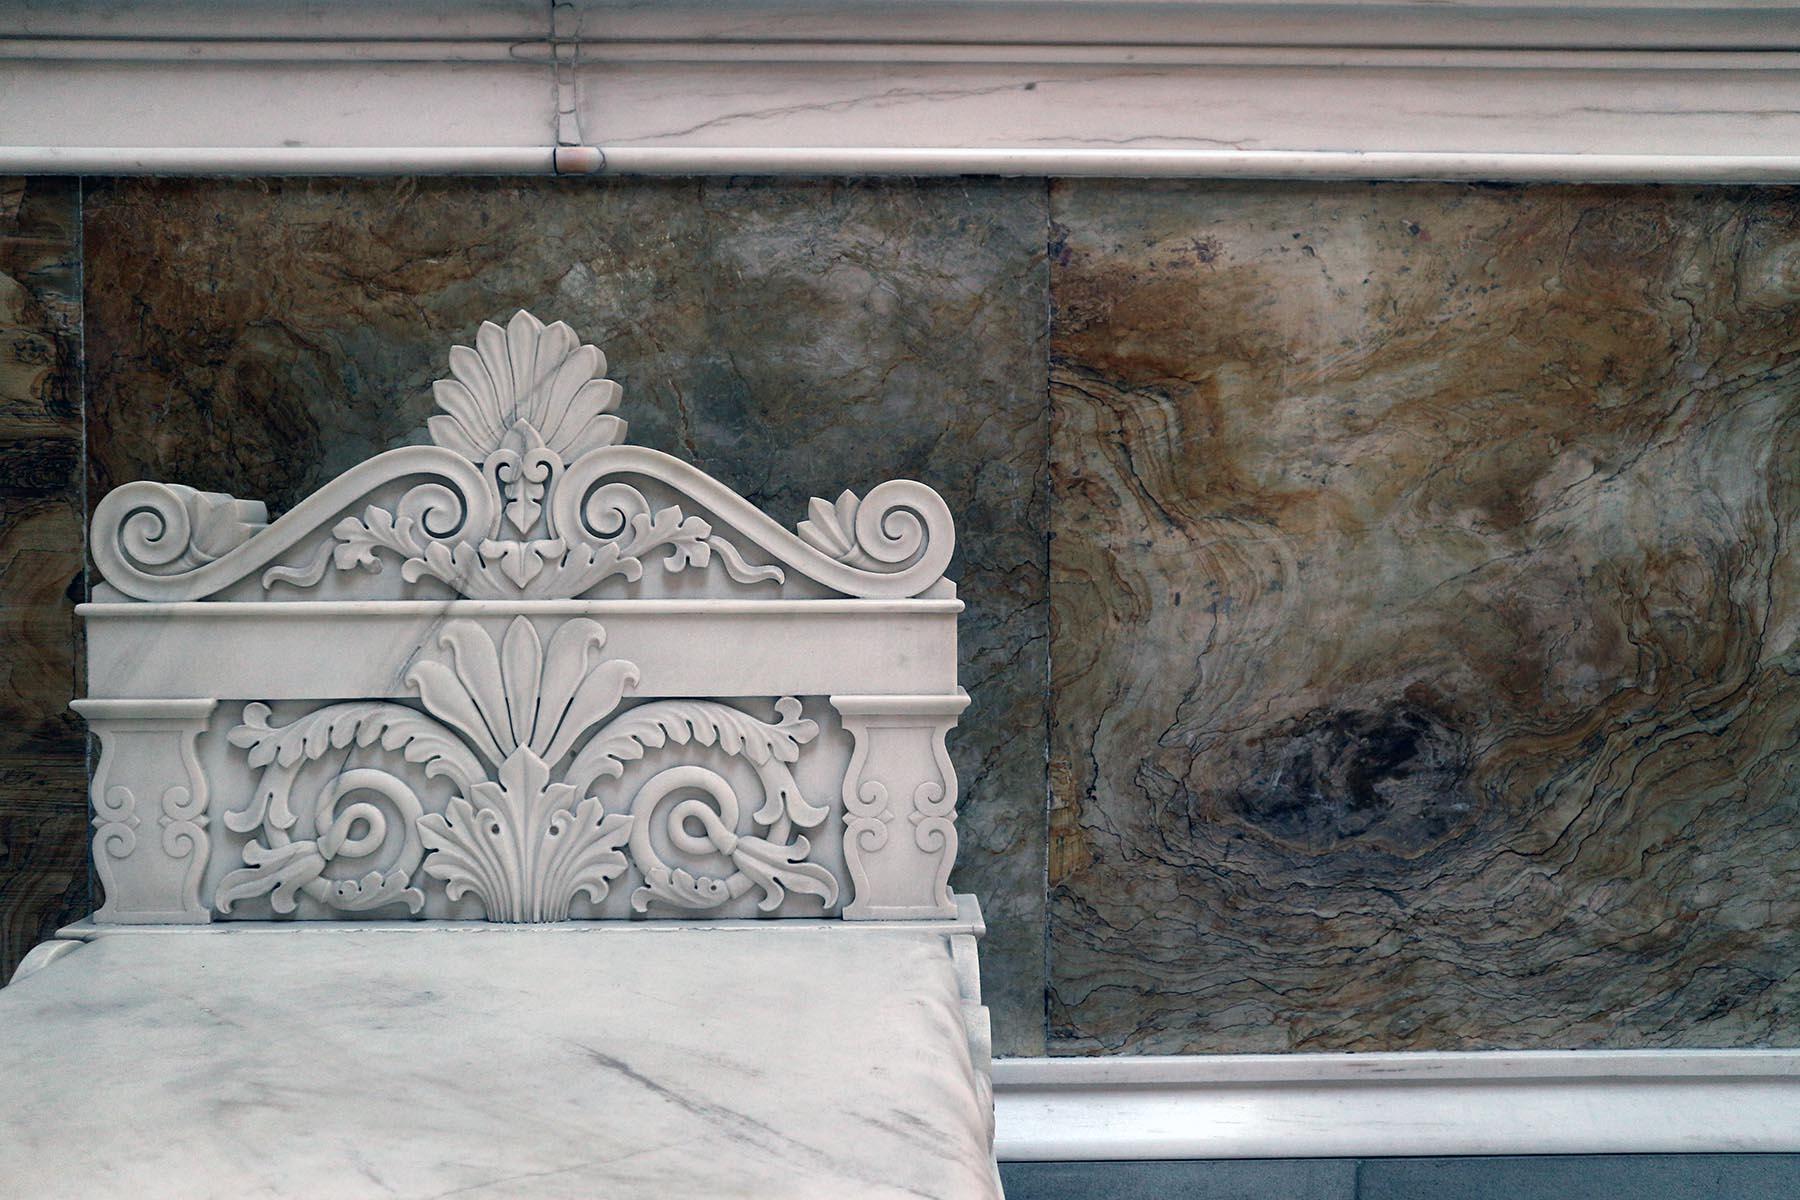 Bildhauerkunst.  Einer von 12 Marmorsesseln im Innenraum, geschaffen von dem Bildhauer Ernst Mayer.